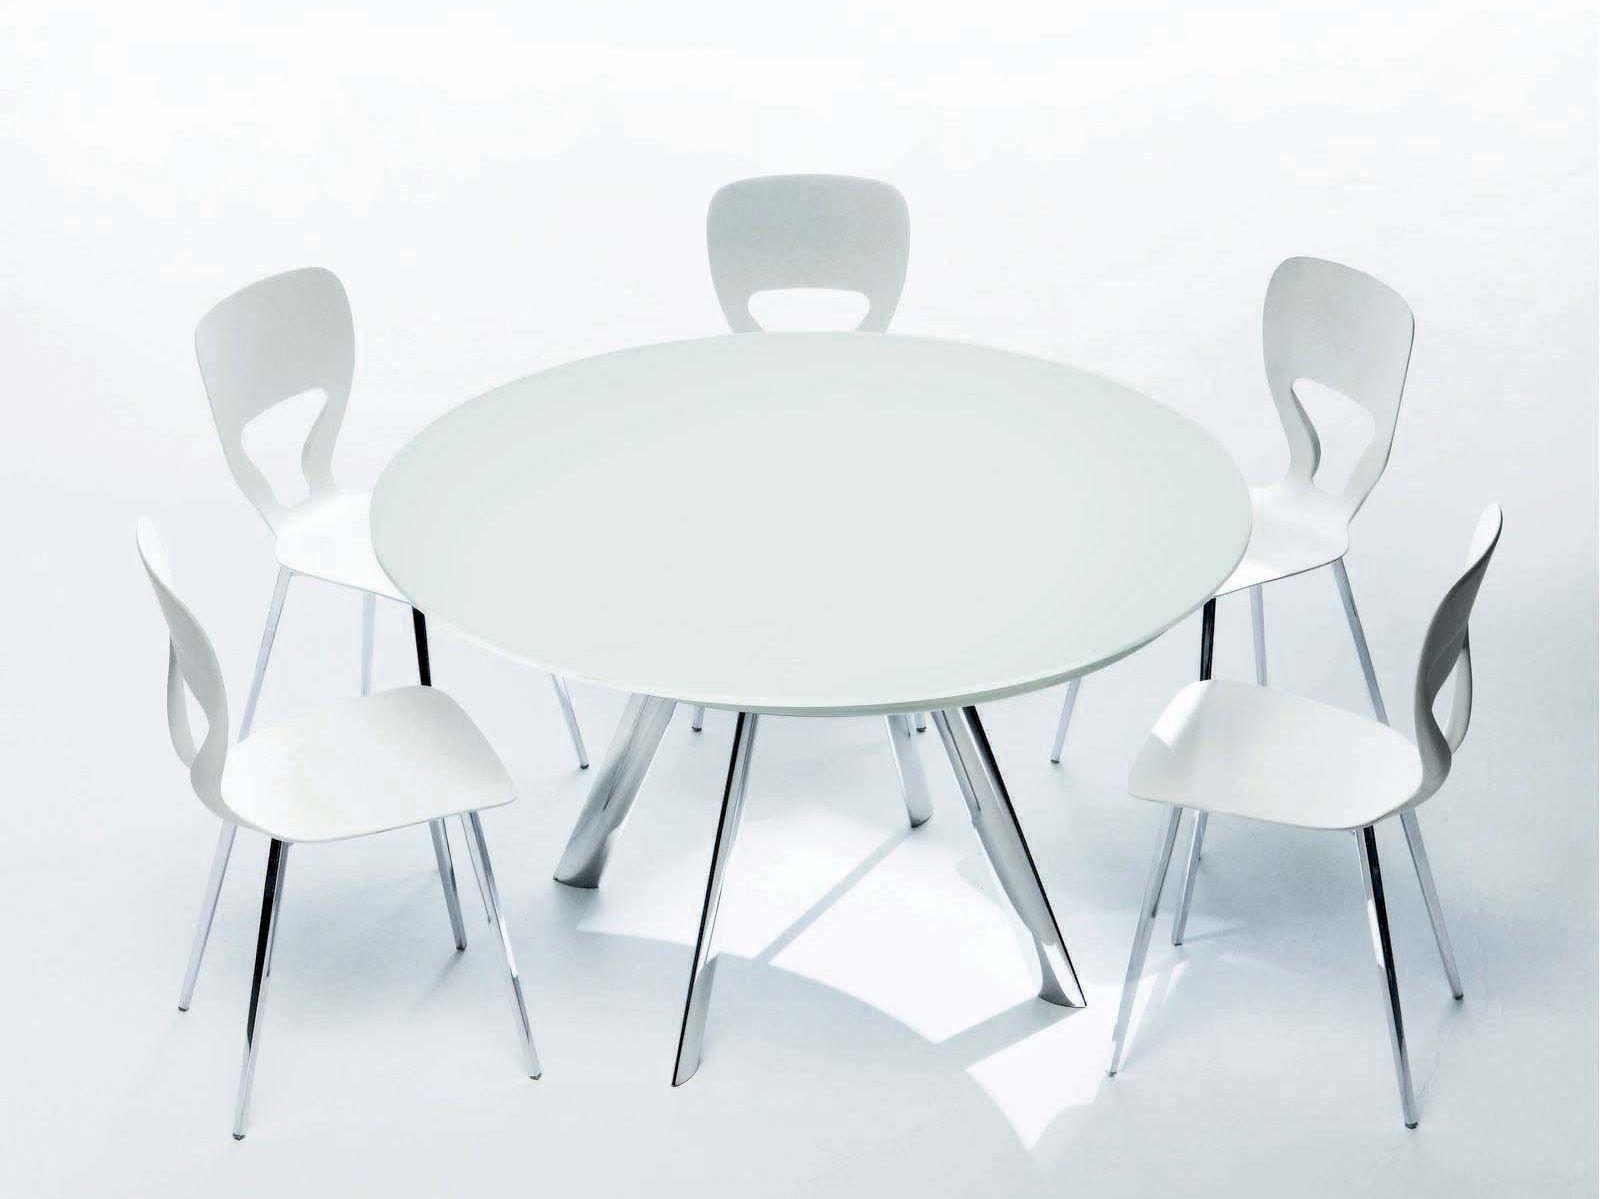 Mesa extensible de cristal giro mesa redonda colecci n - Mesa redonda de cristal ...